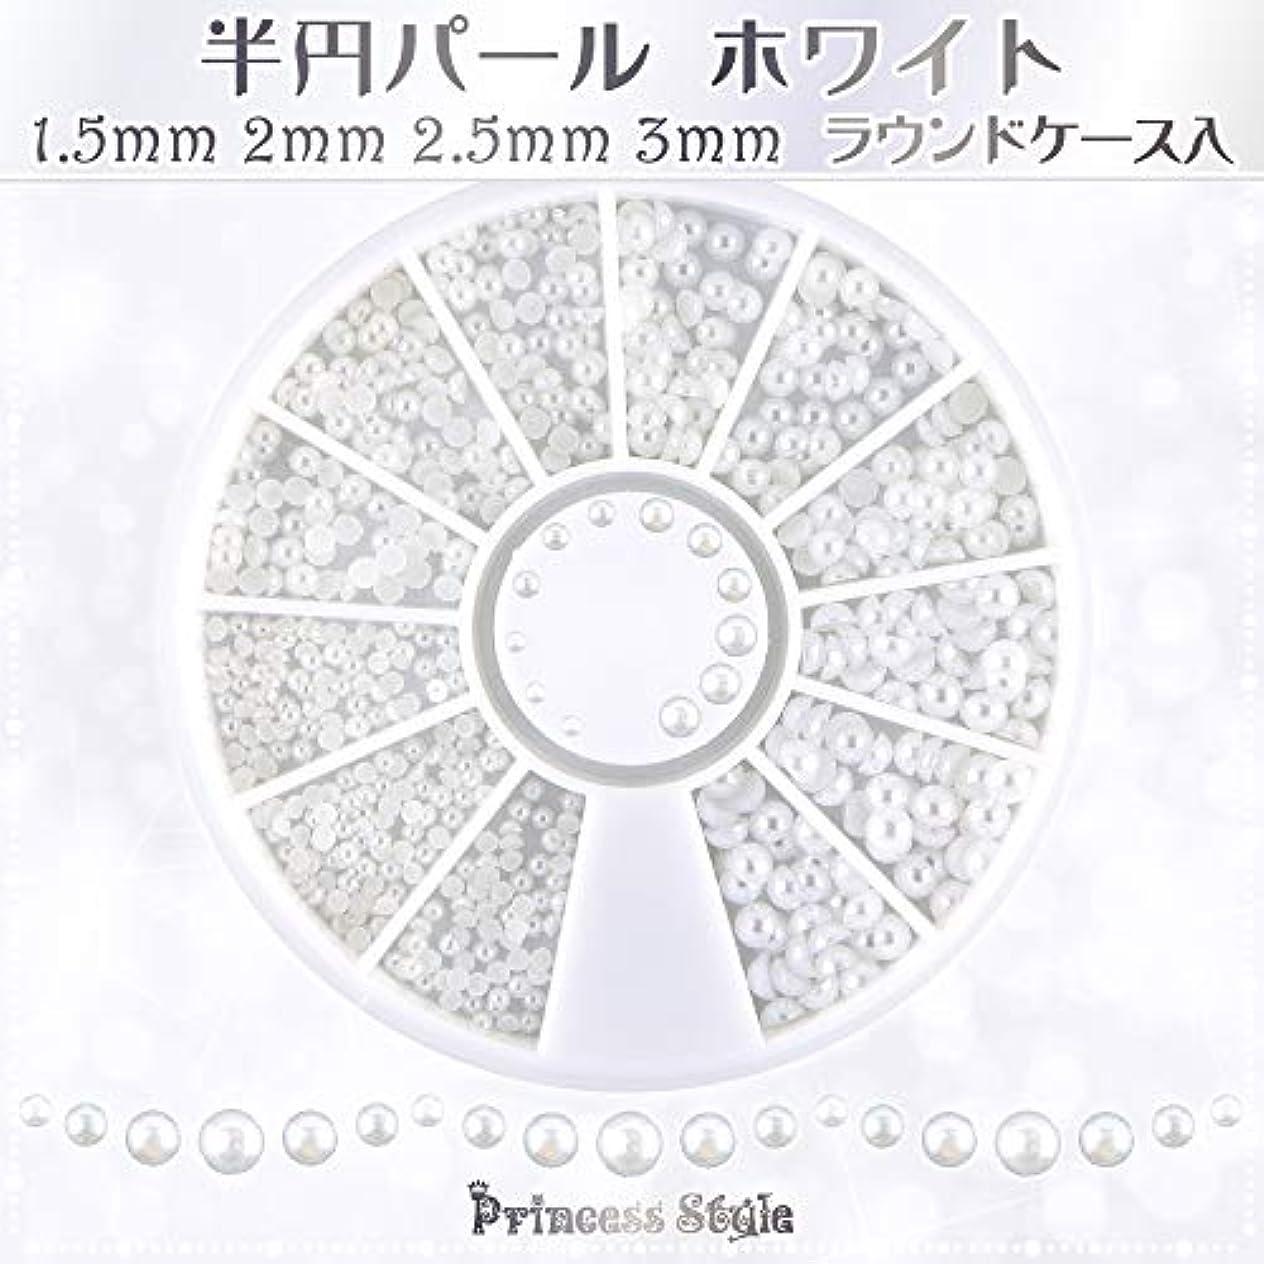 叱るマトリックス画面半円パール ホワイト ネイル デコ用 1.5mm,2mm,2.5mm,3mm ラウンドケース入